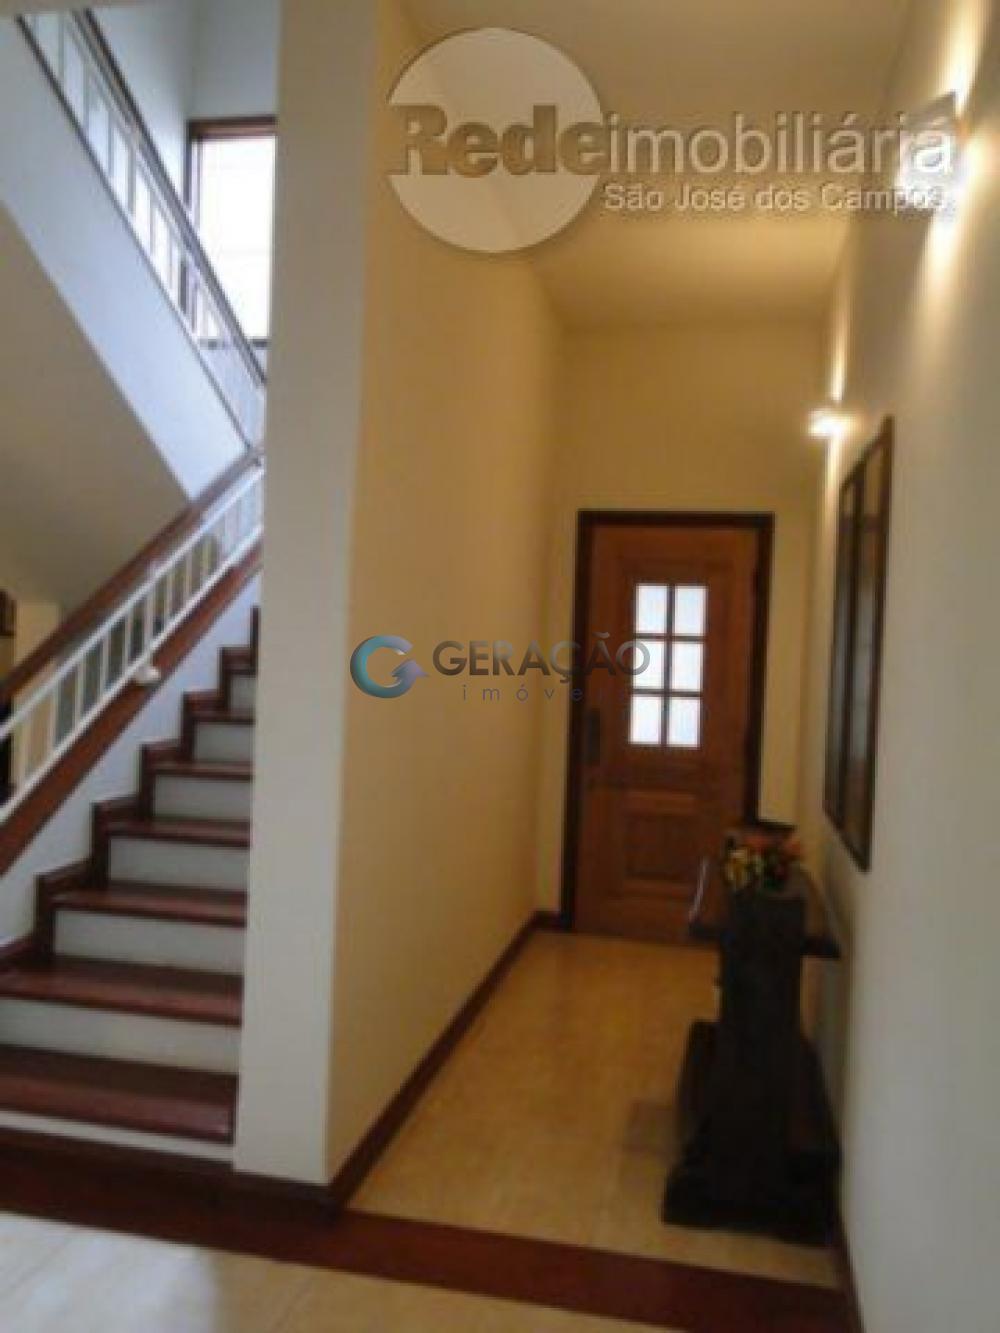 Comprar Casa / Condomínio em São José dos Campos apenas R$ 2.400.000,00 - Foto 13